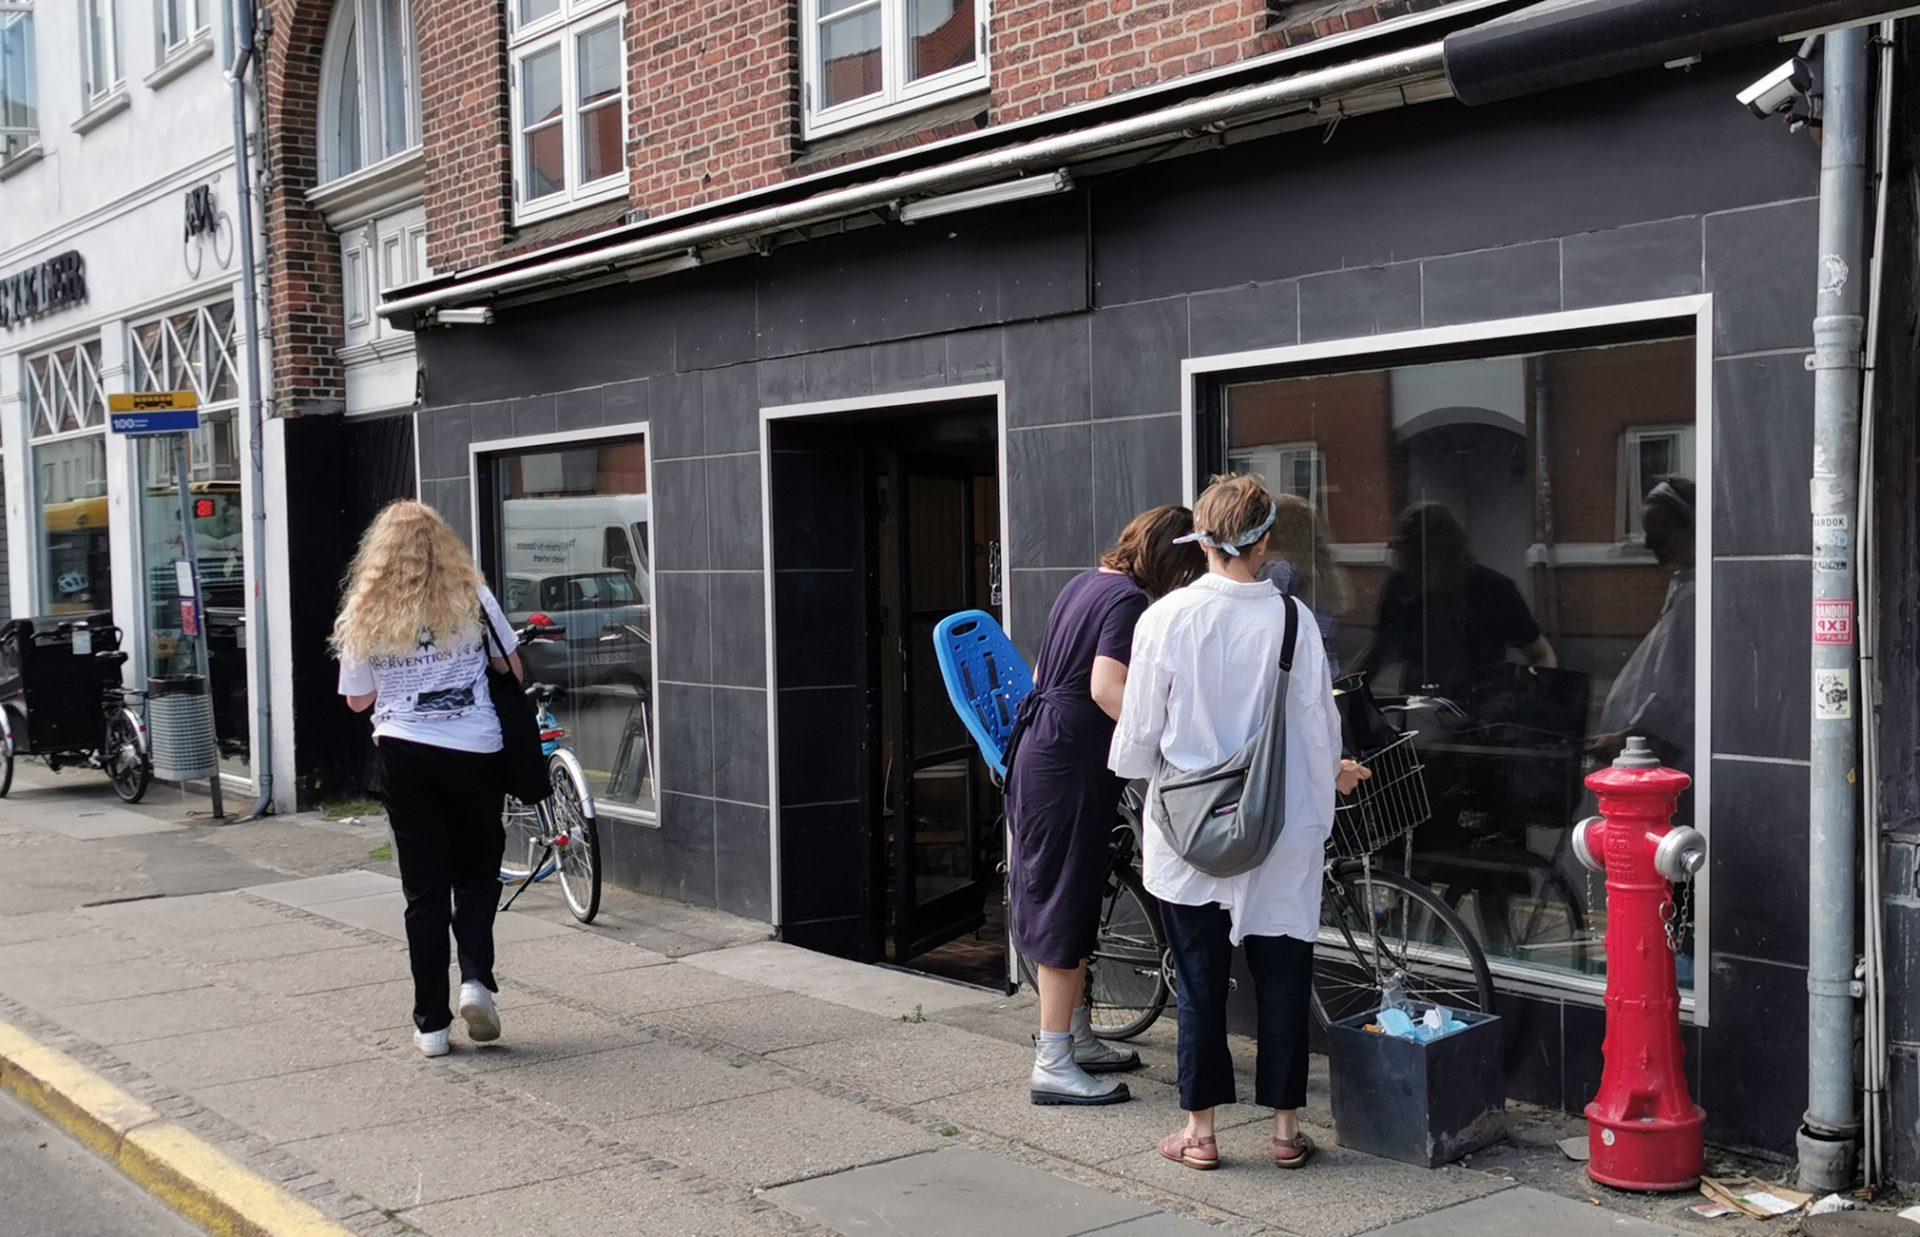 Gaijin Ramen: Ny Ramen-restaurant og takeaway åbner i Nørregade